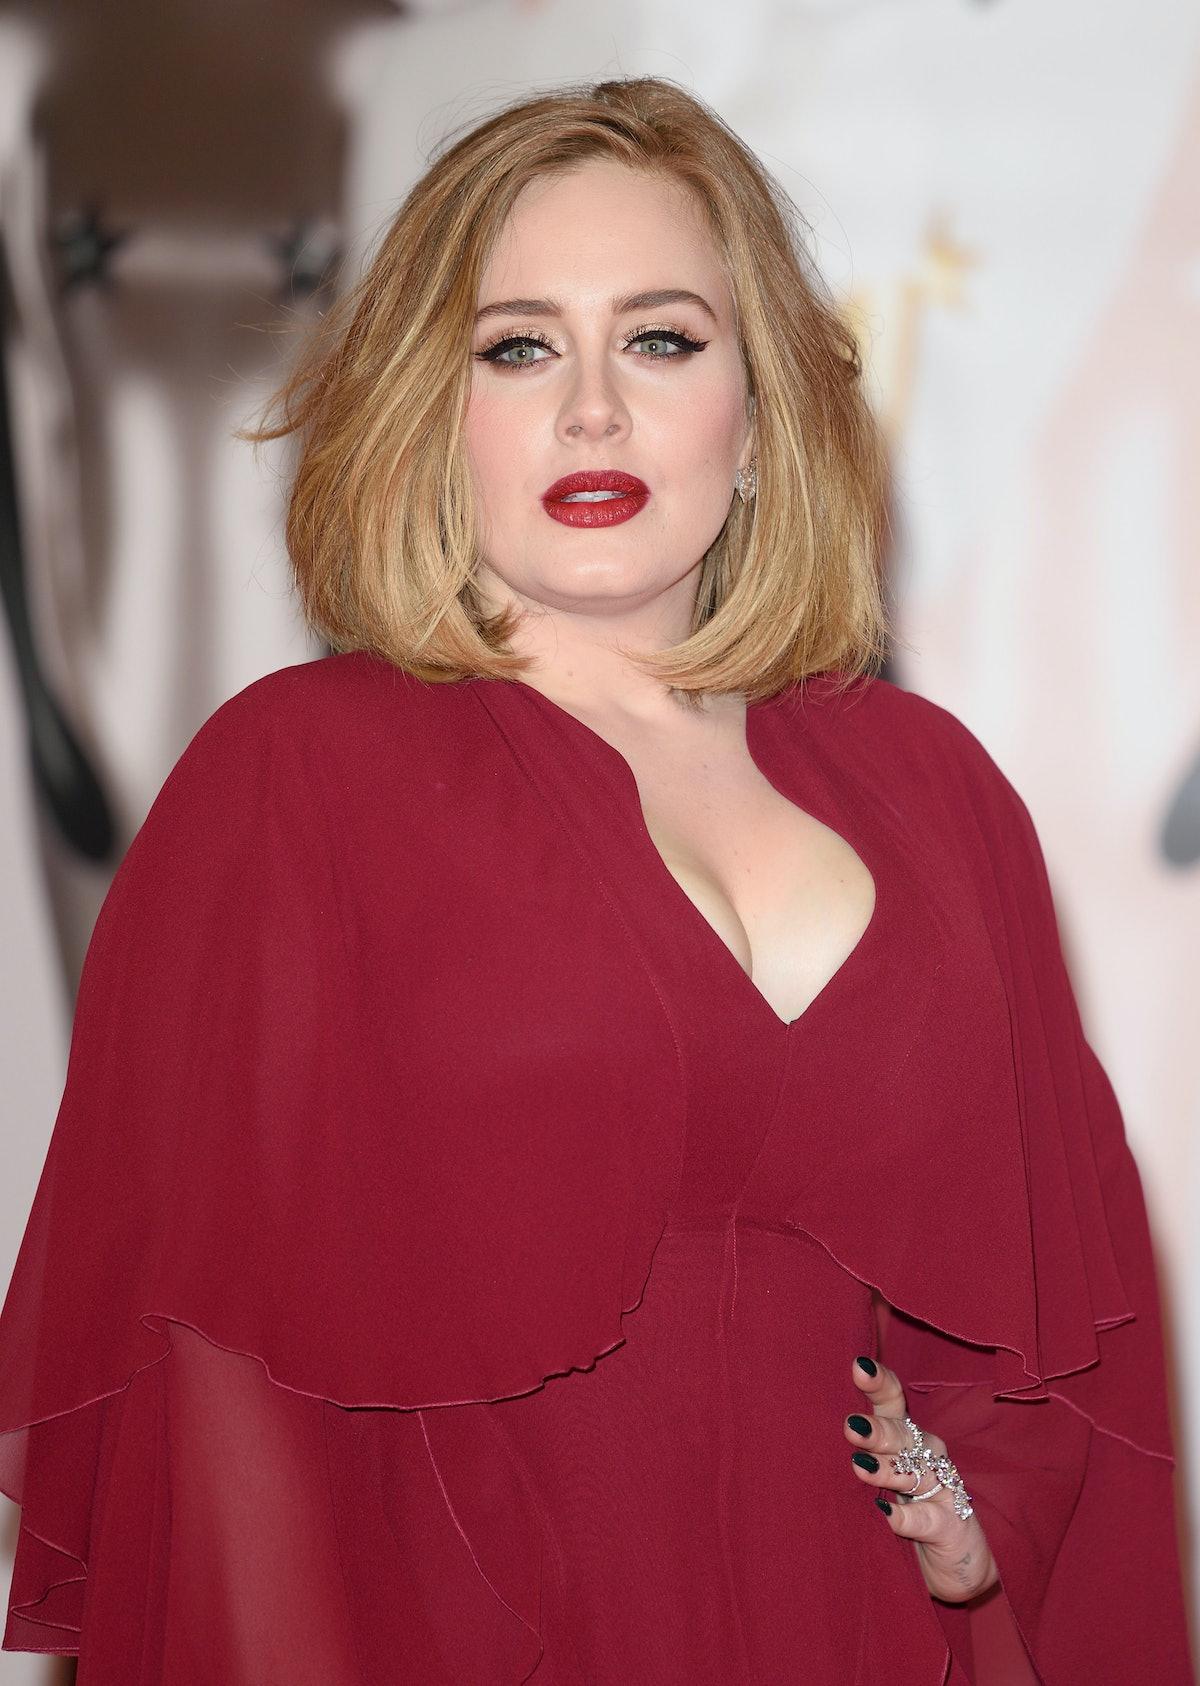 Adele's breakup songs are devastating.